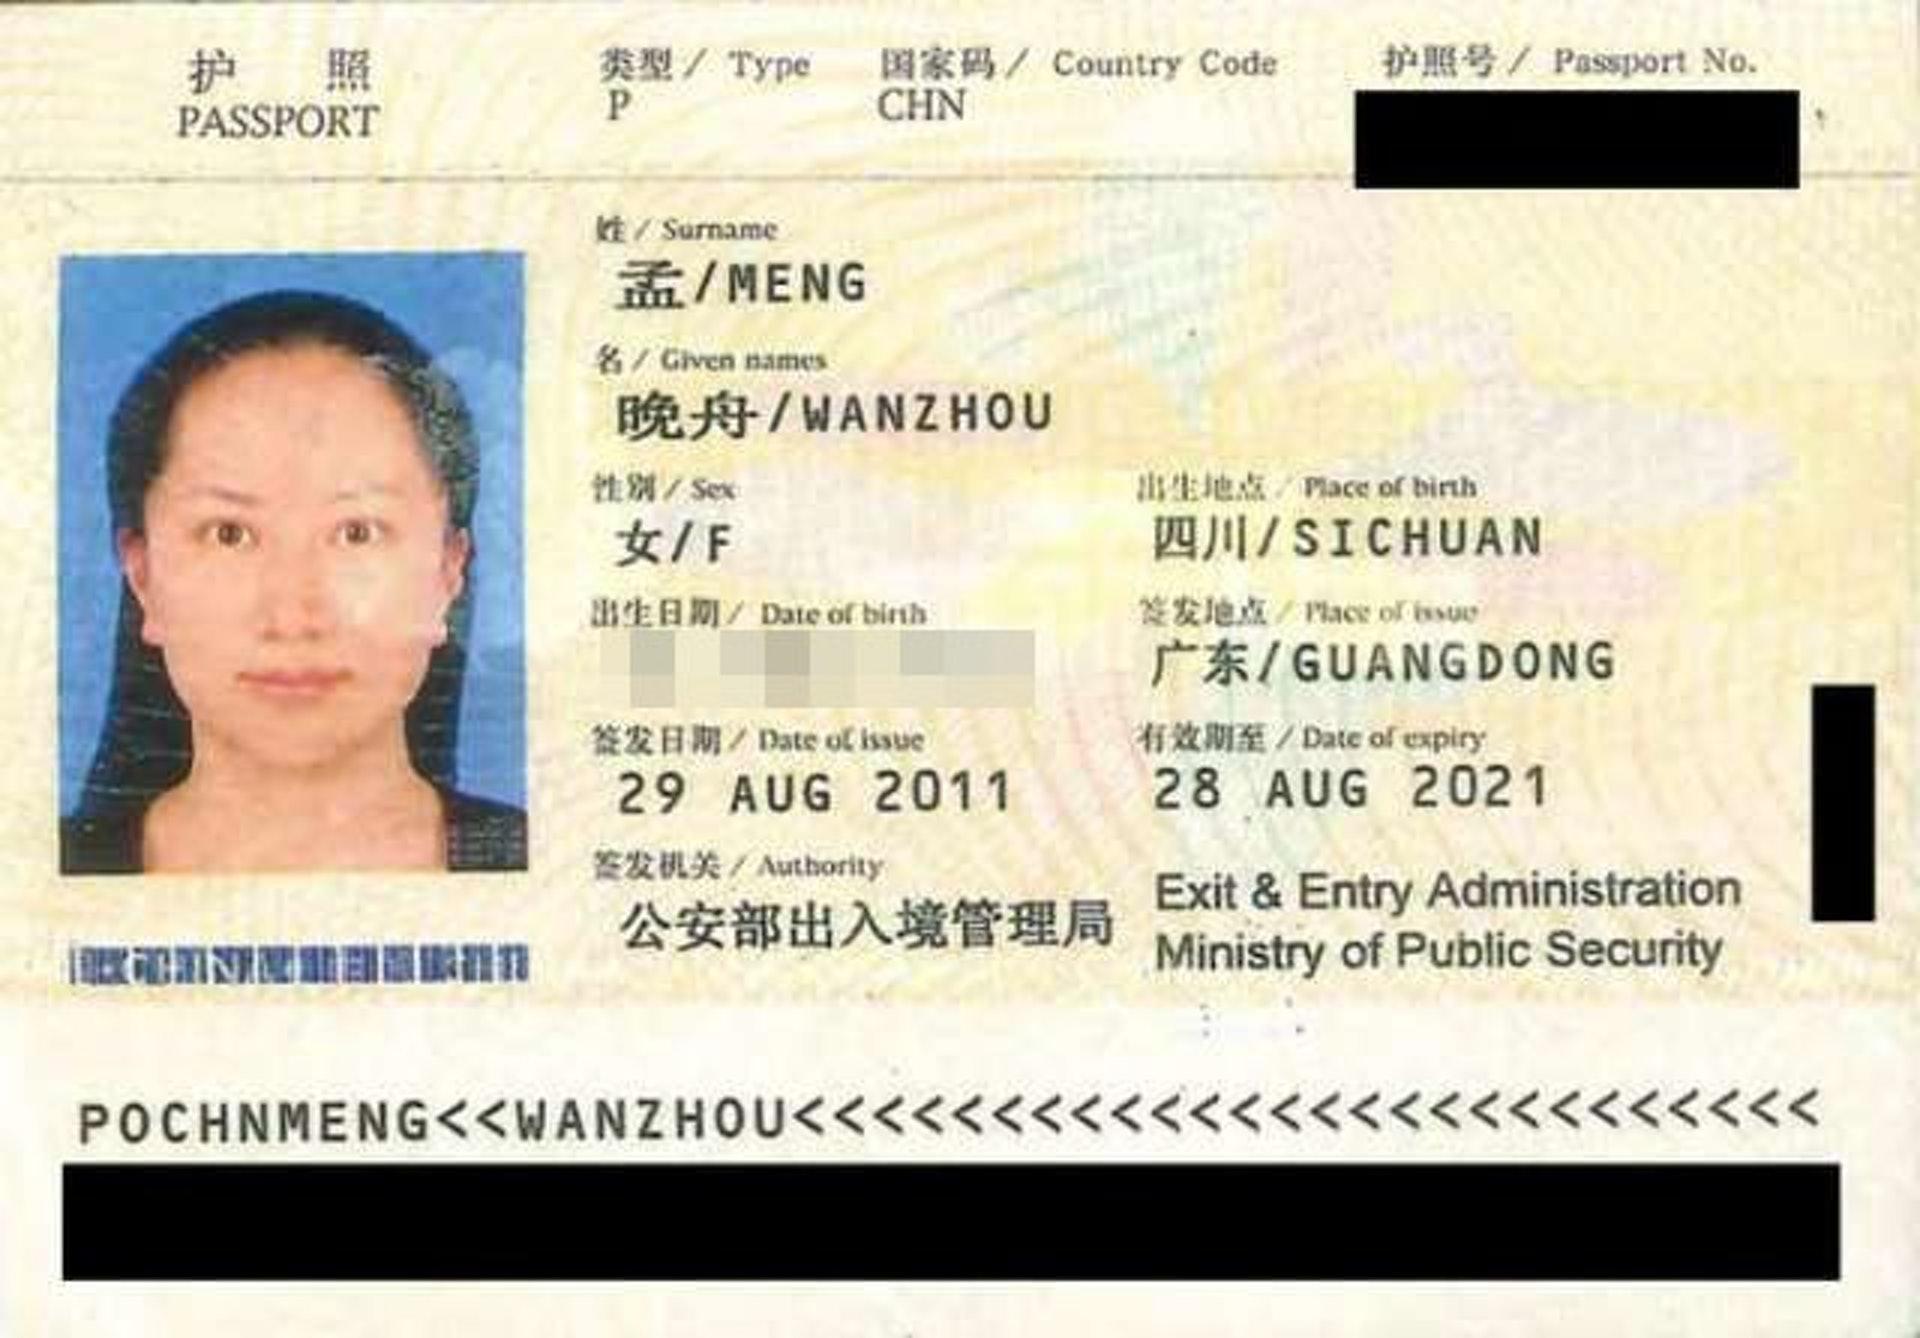 孟晚舟曾使用过的其中一本中国护照。(加拿大法庭文件)